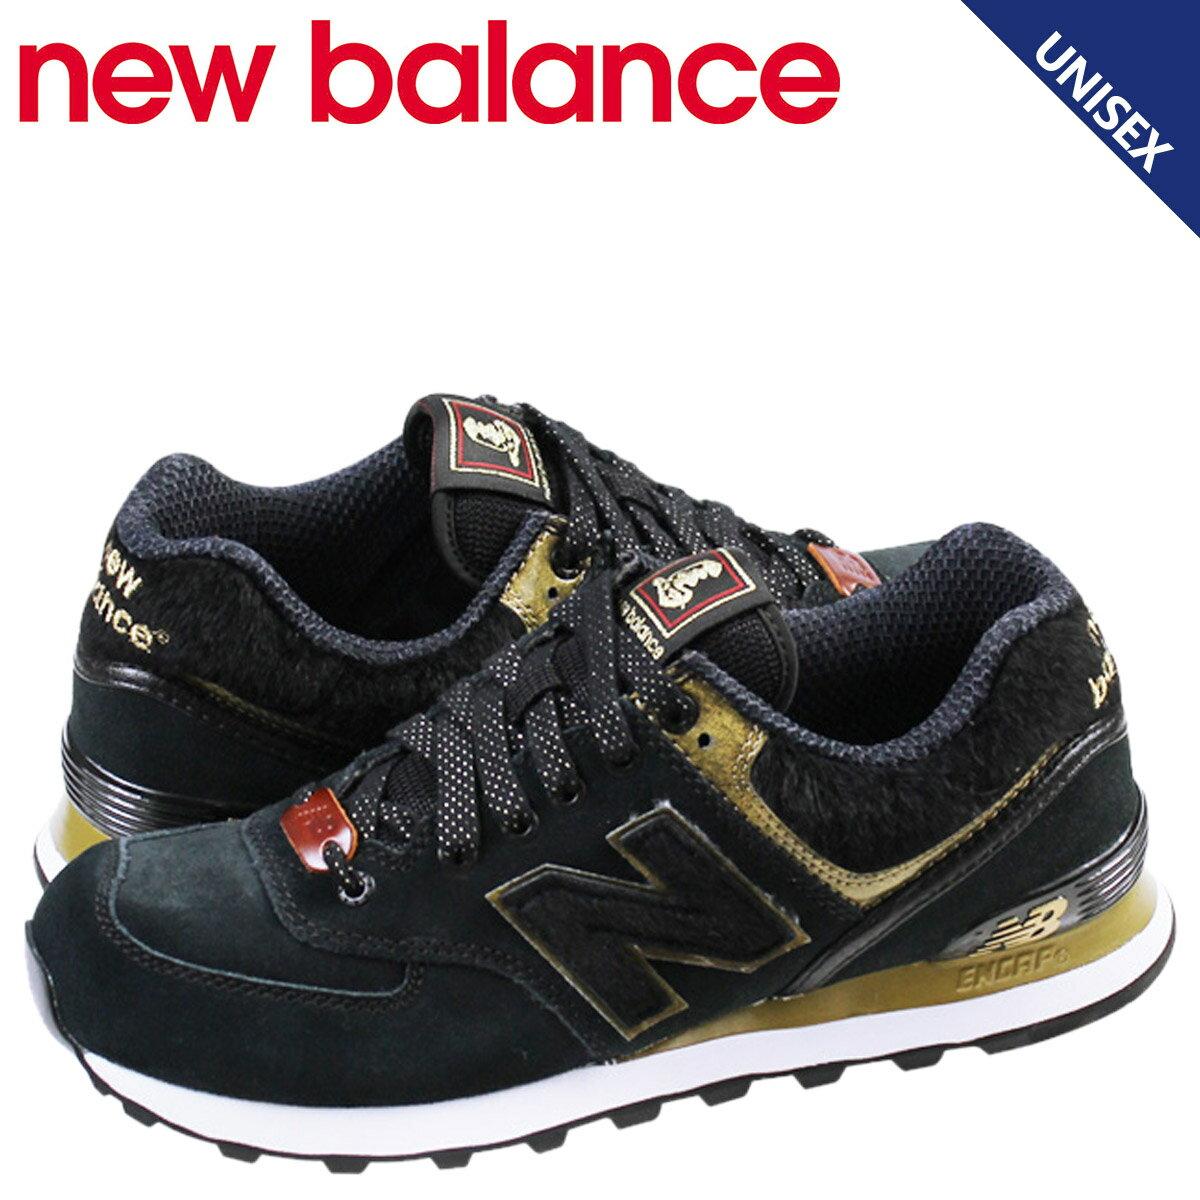 new balance ニューバランス 574 レディース スニーカー  ML574HBL Dワイズ  午年 メンズ 靴 ブラック